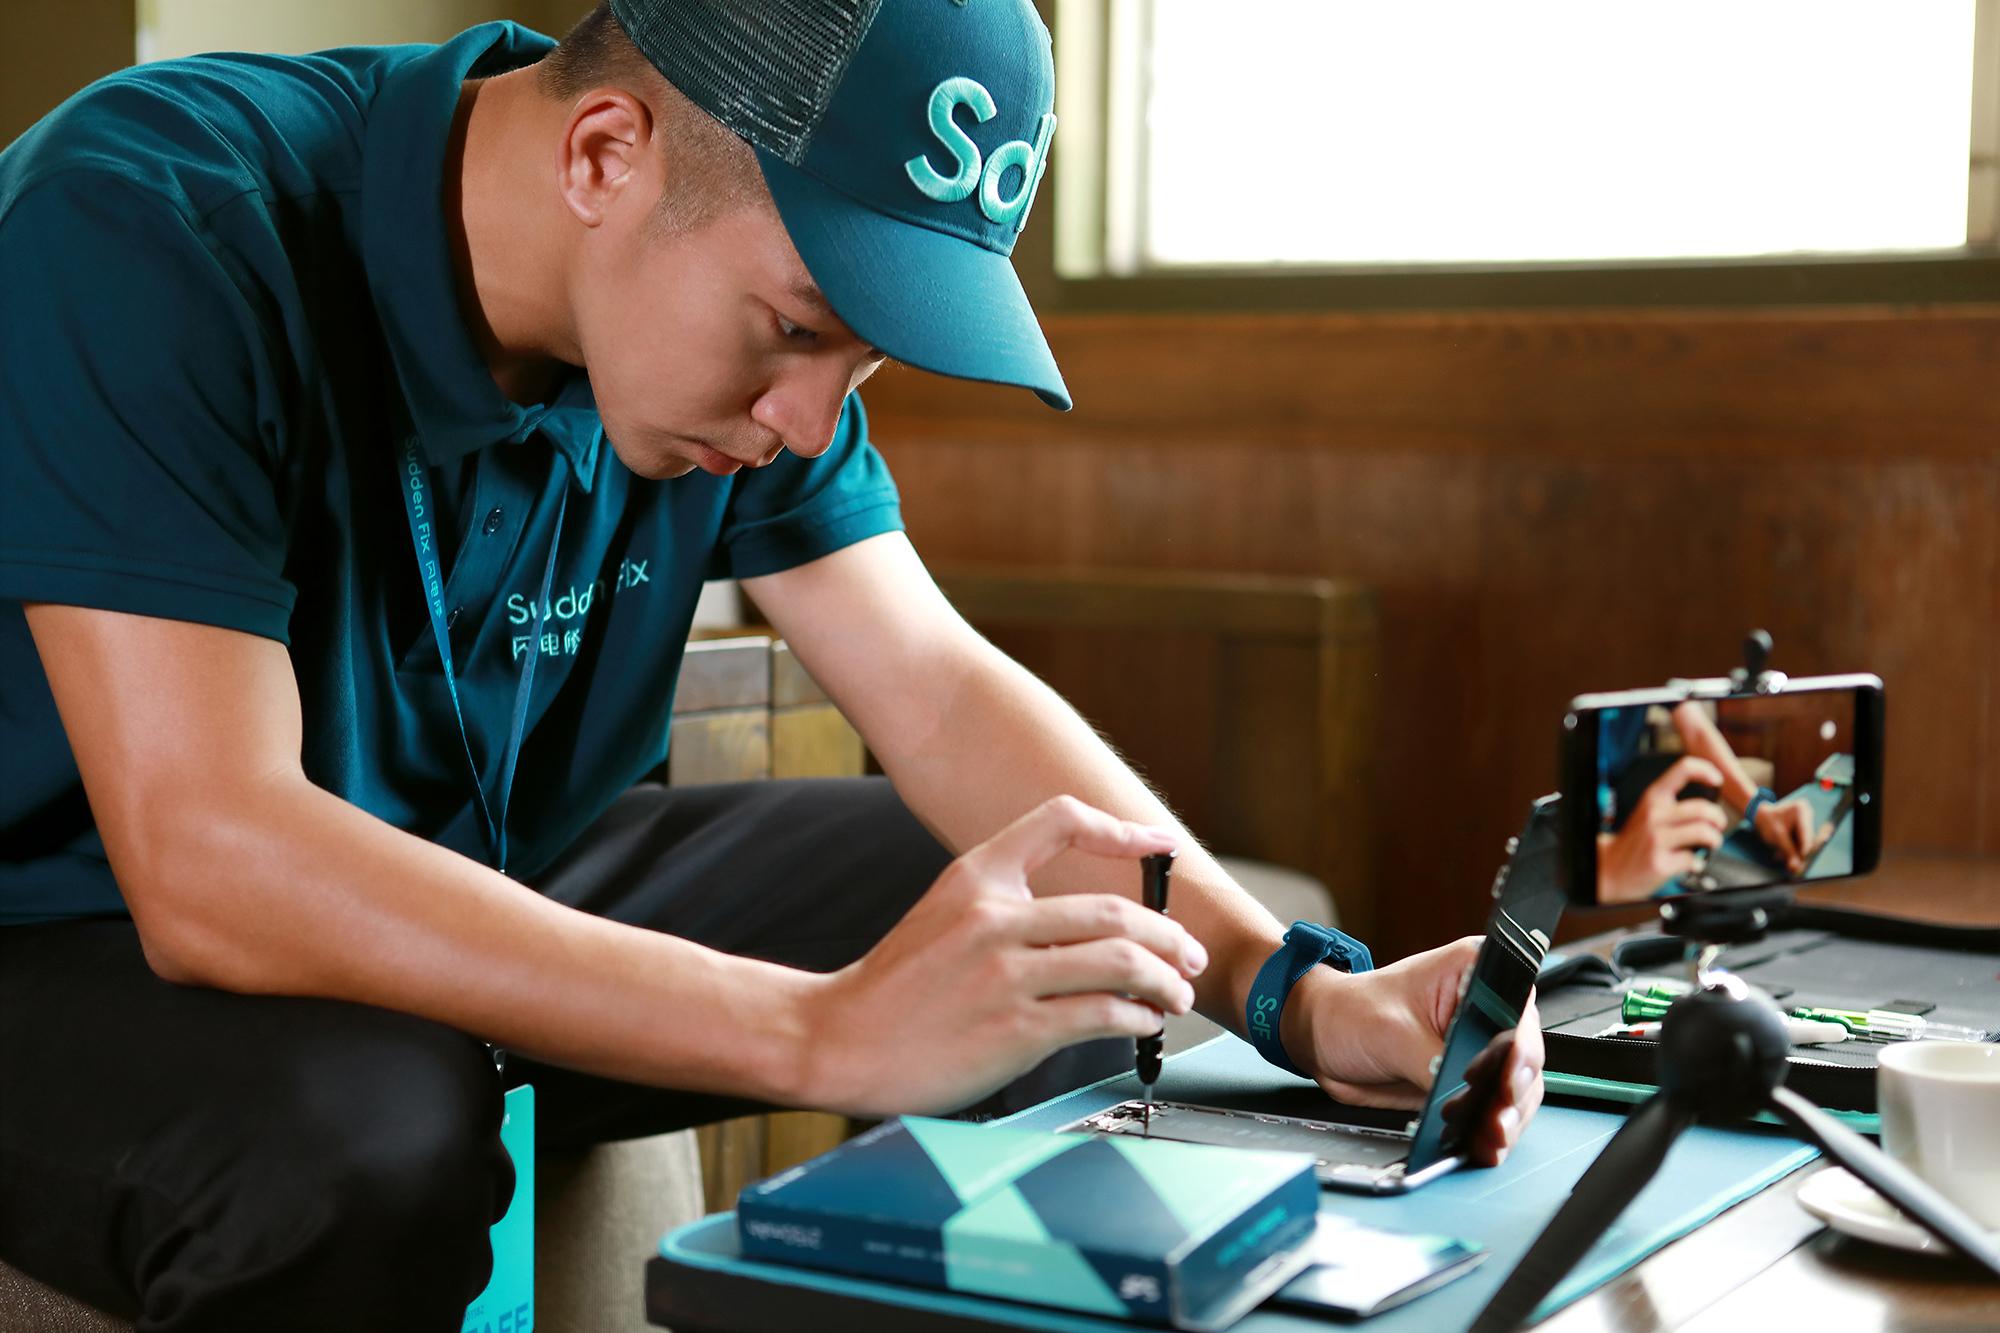 手机维修行业新趋势,闪电修正在崛起